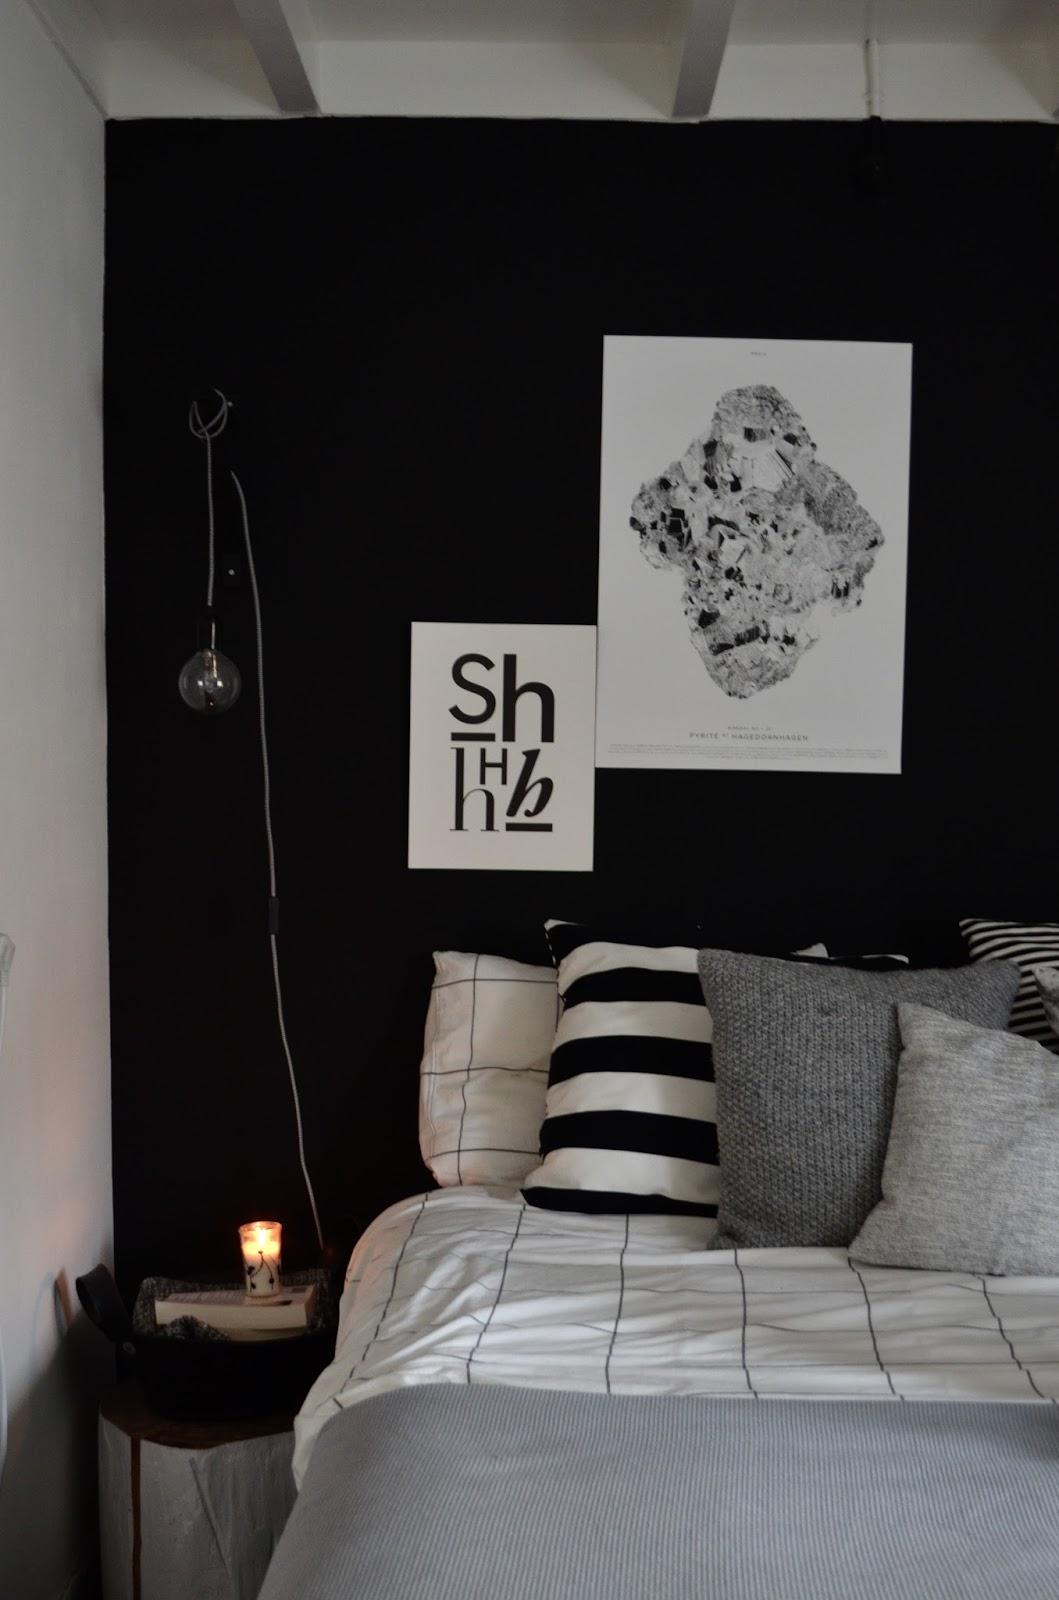 ik ben altijd wel van dat soort mooie details bovendien past de pyrite poster mooi bij de kleurstelling van de rest van de slaapkamer